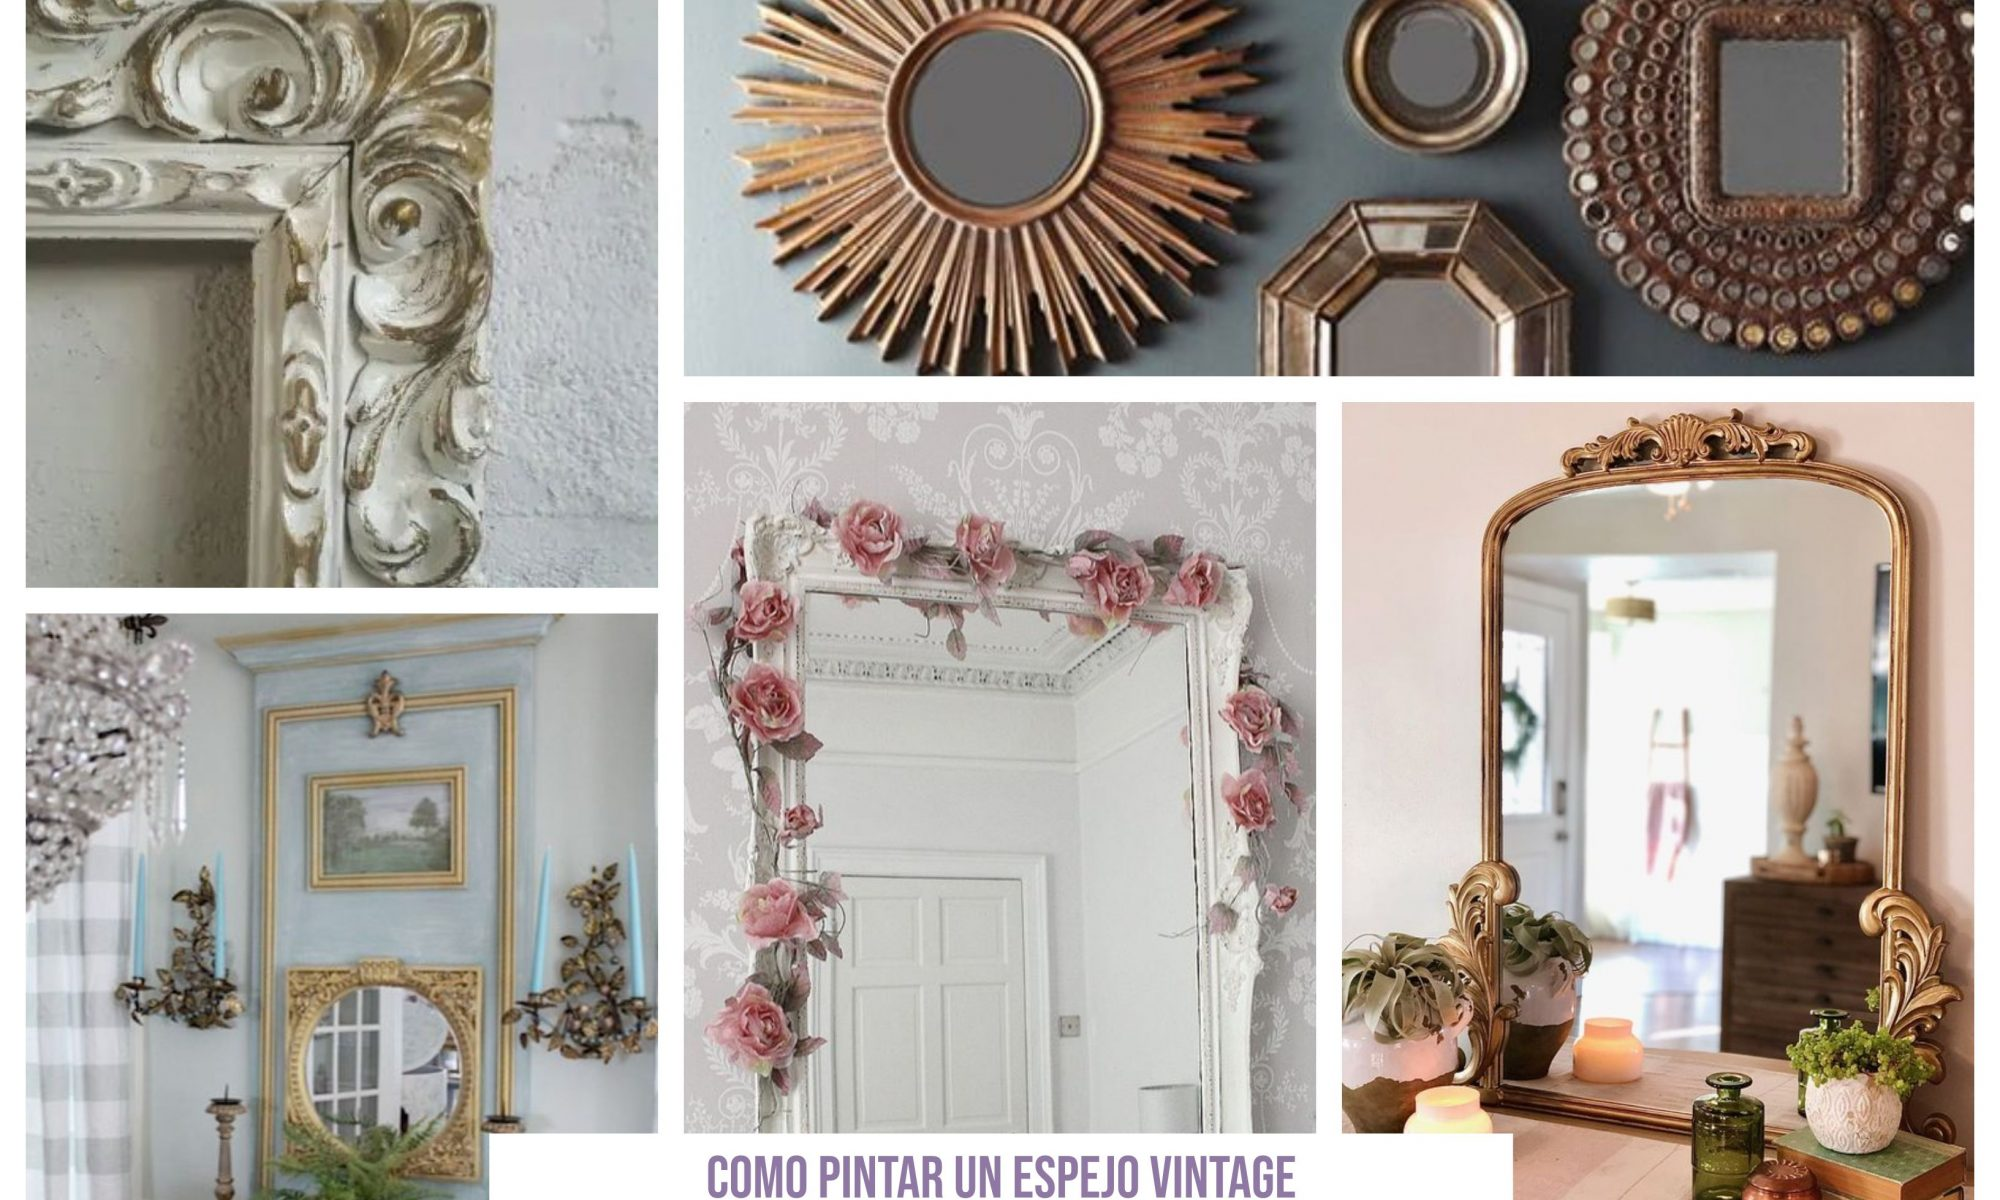 Como pintar un espejo vintage paso a paso